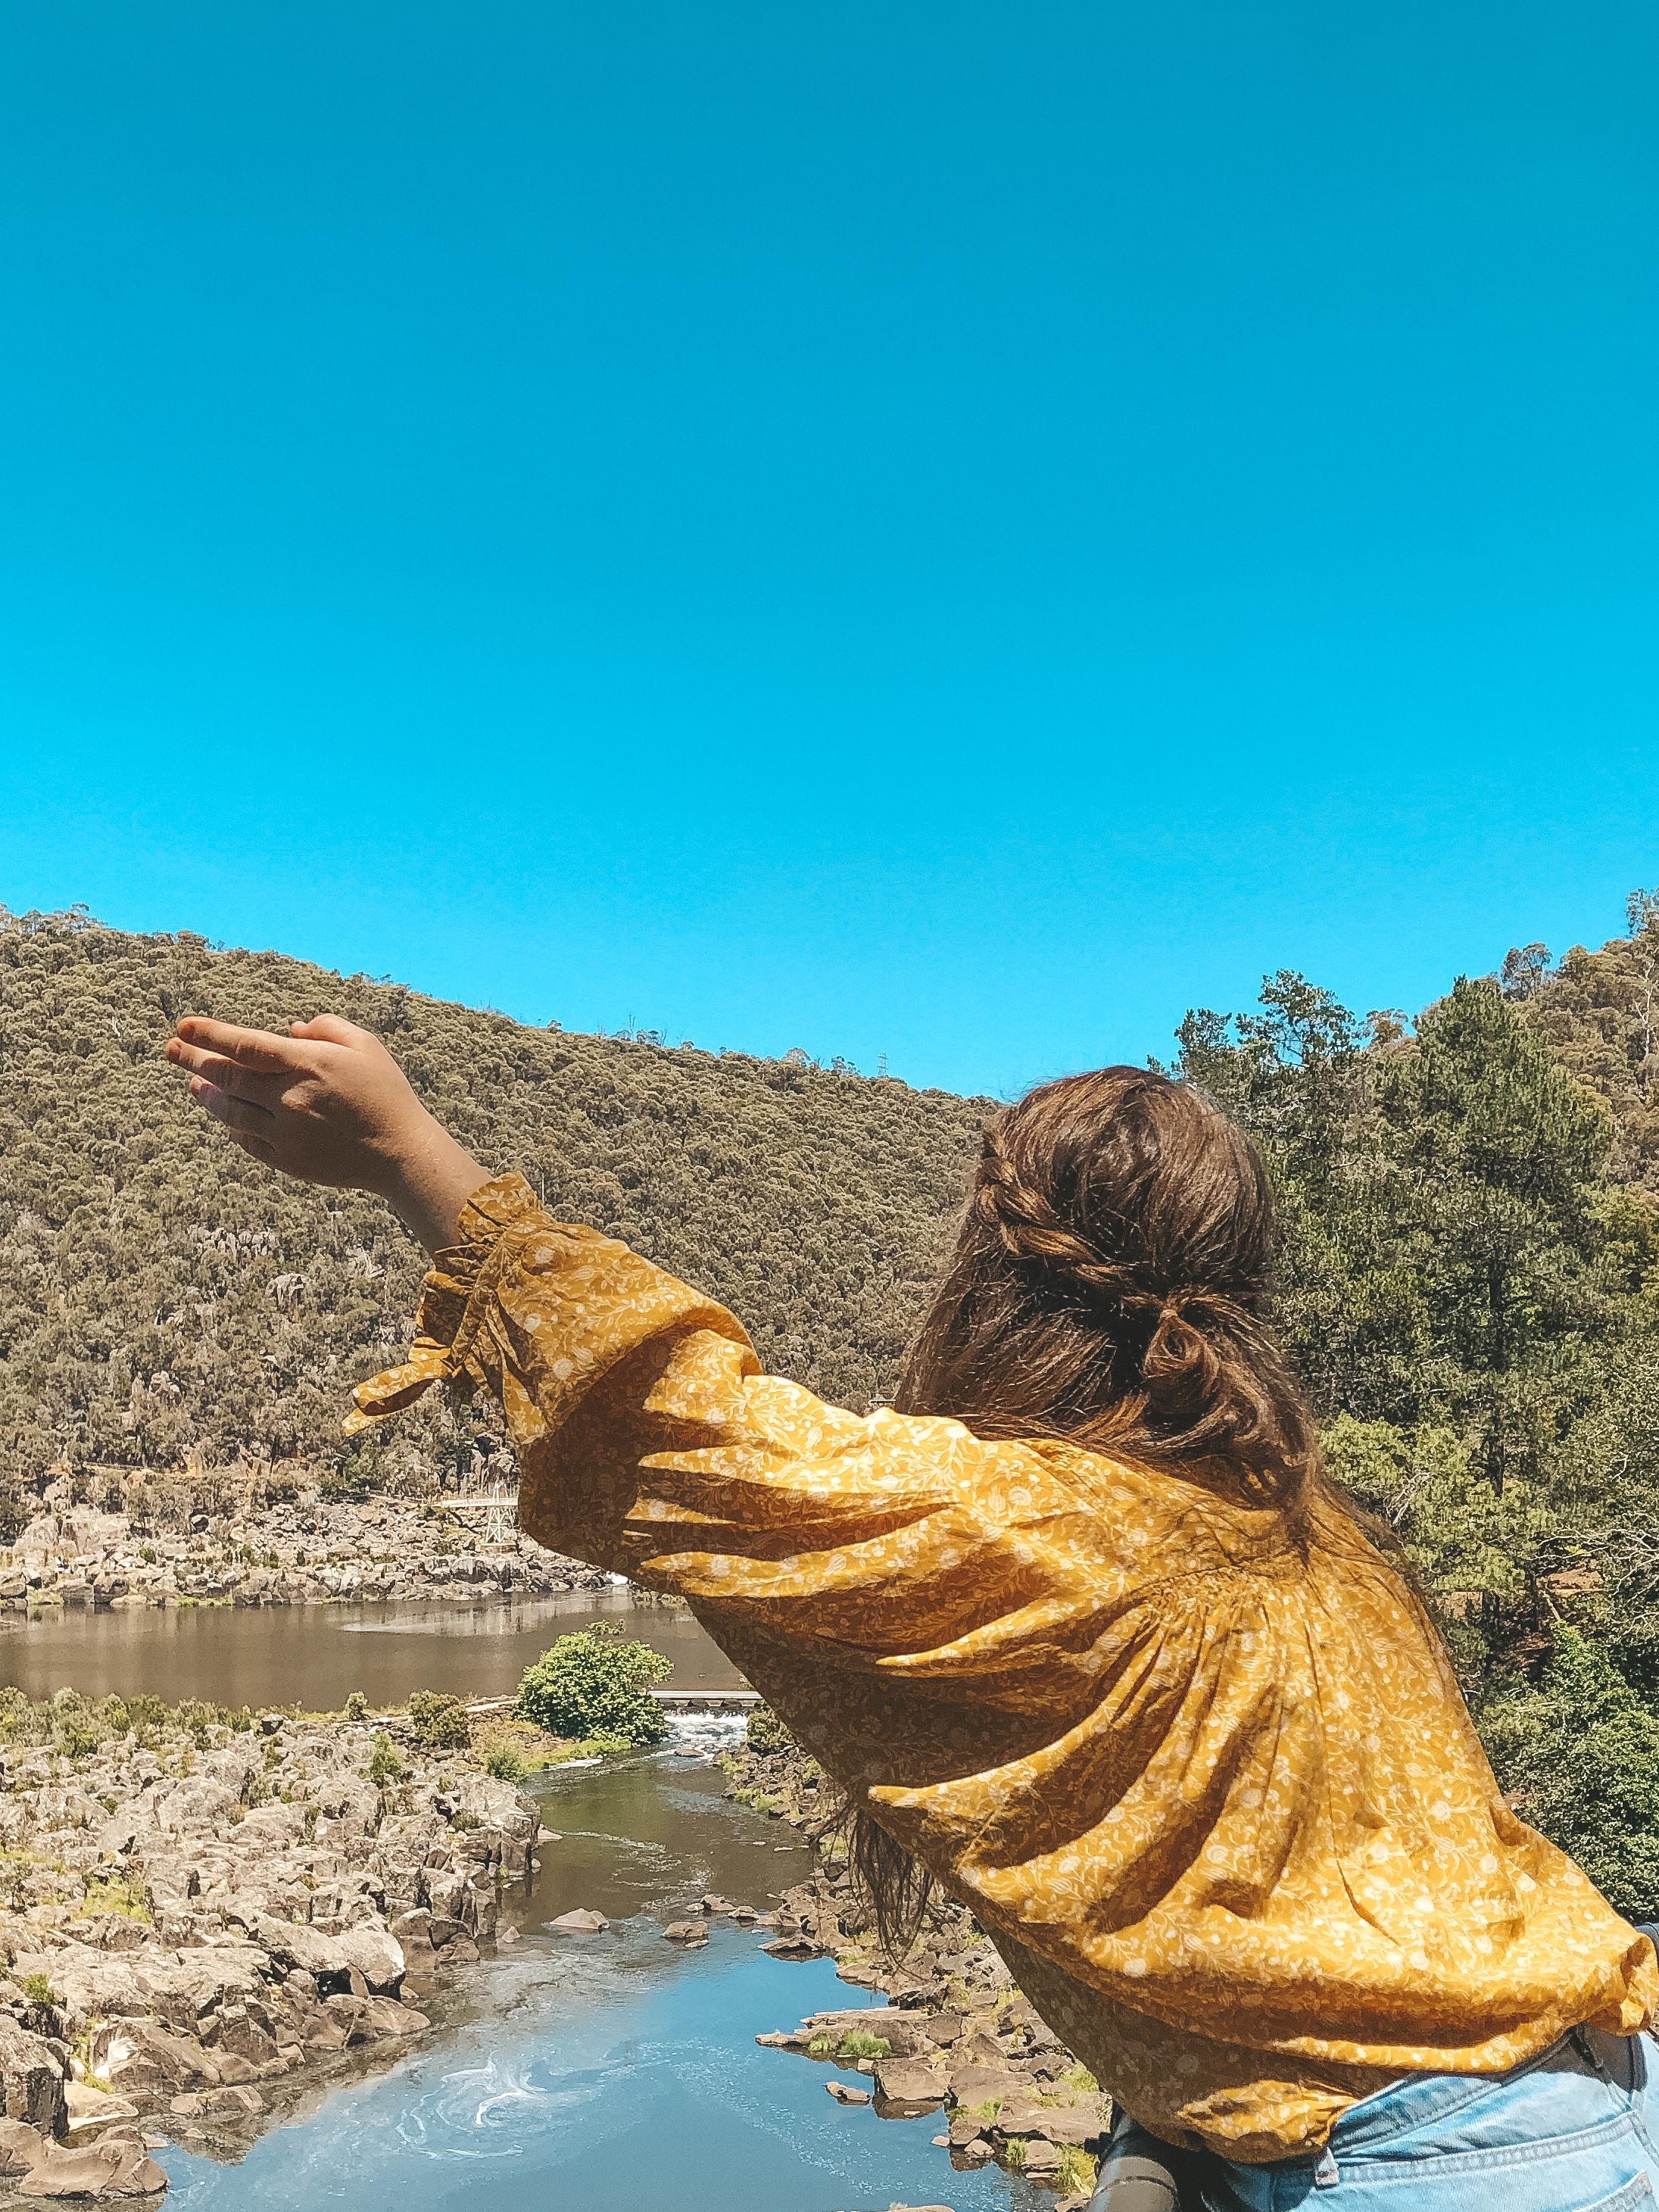 bridstowe lavender fields mt paris damn tasmania-26.jpg